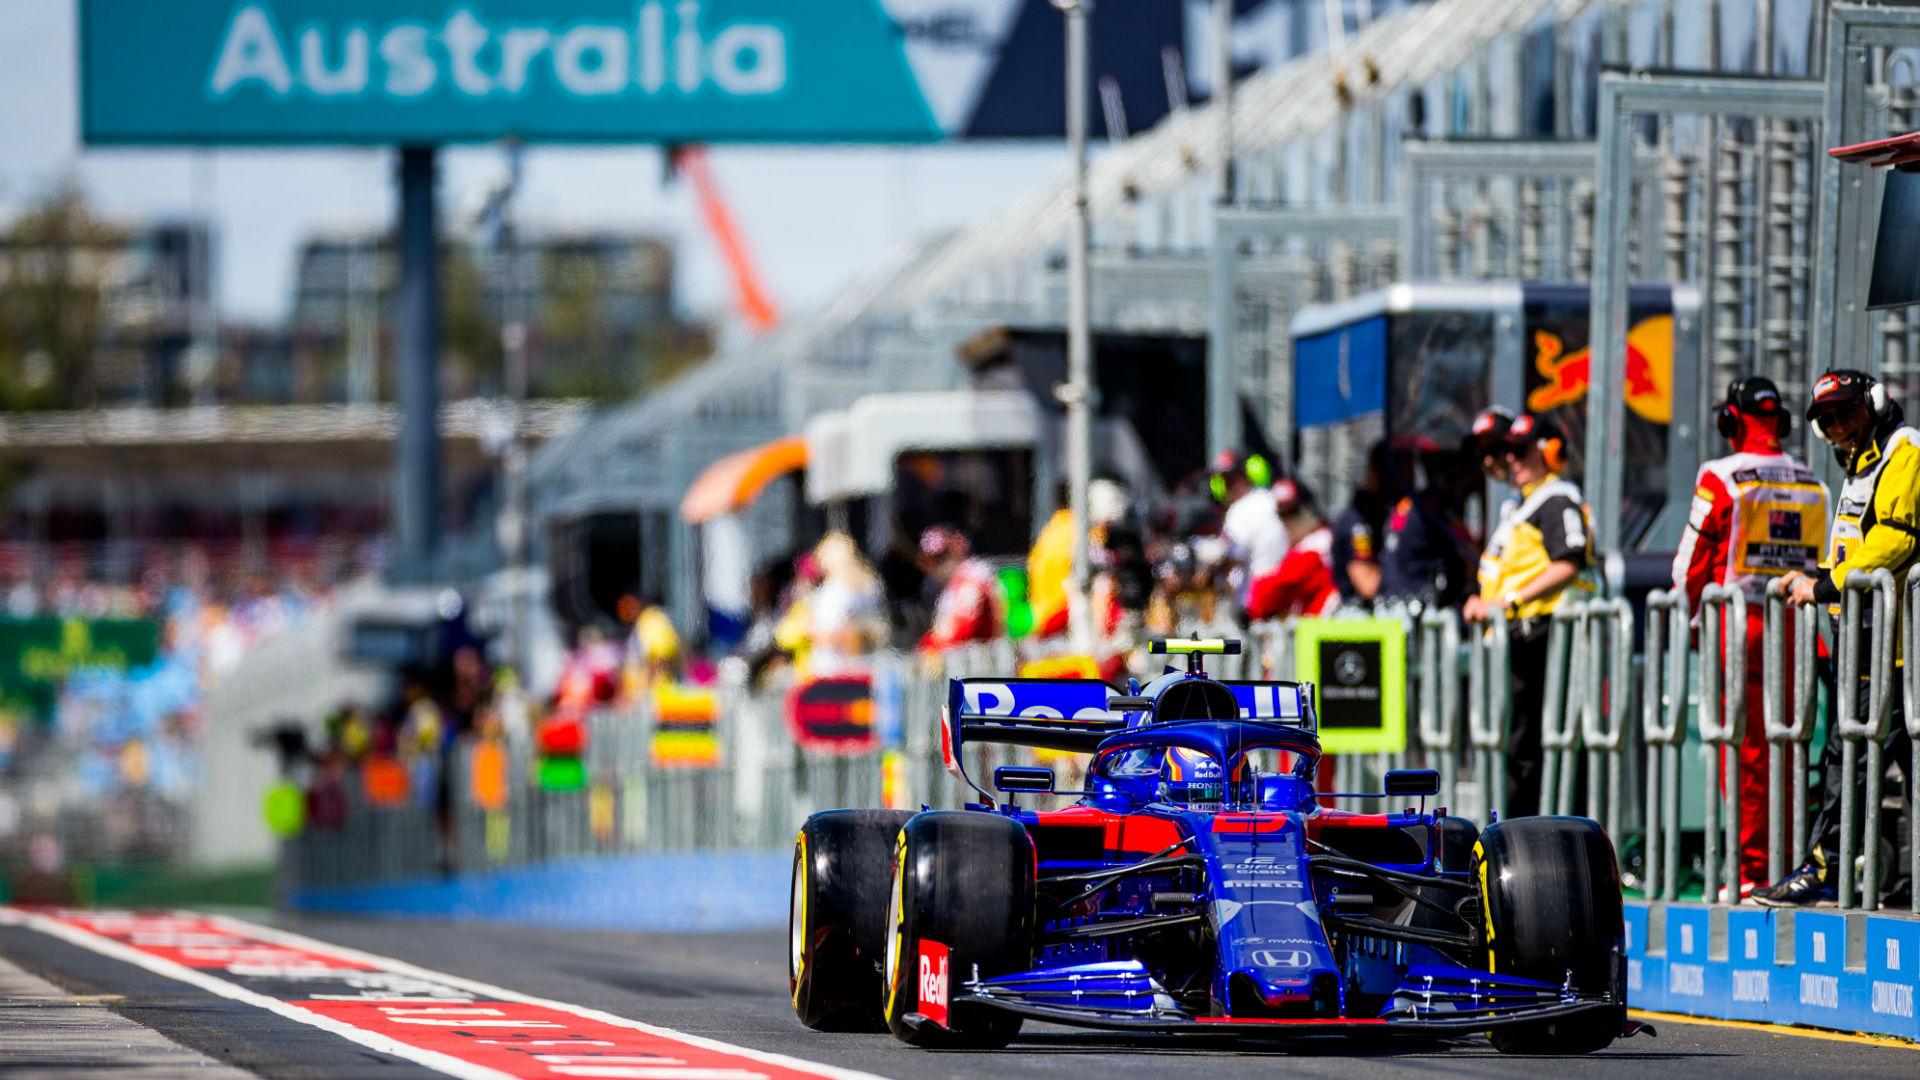 F1 Australian Grand Prix: Start time, TV channel, live stream for Formula 1 season-opener